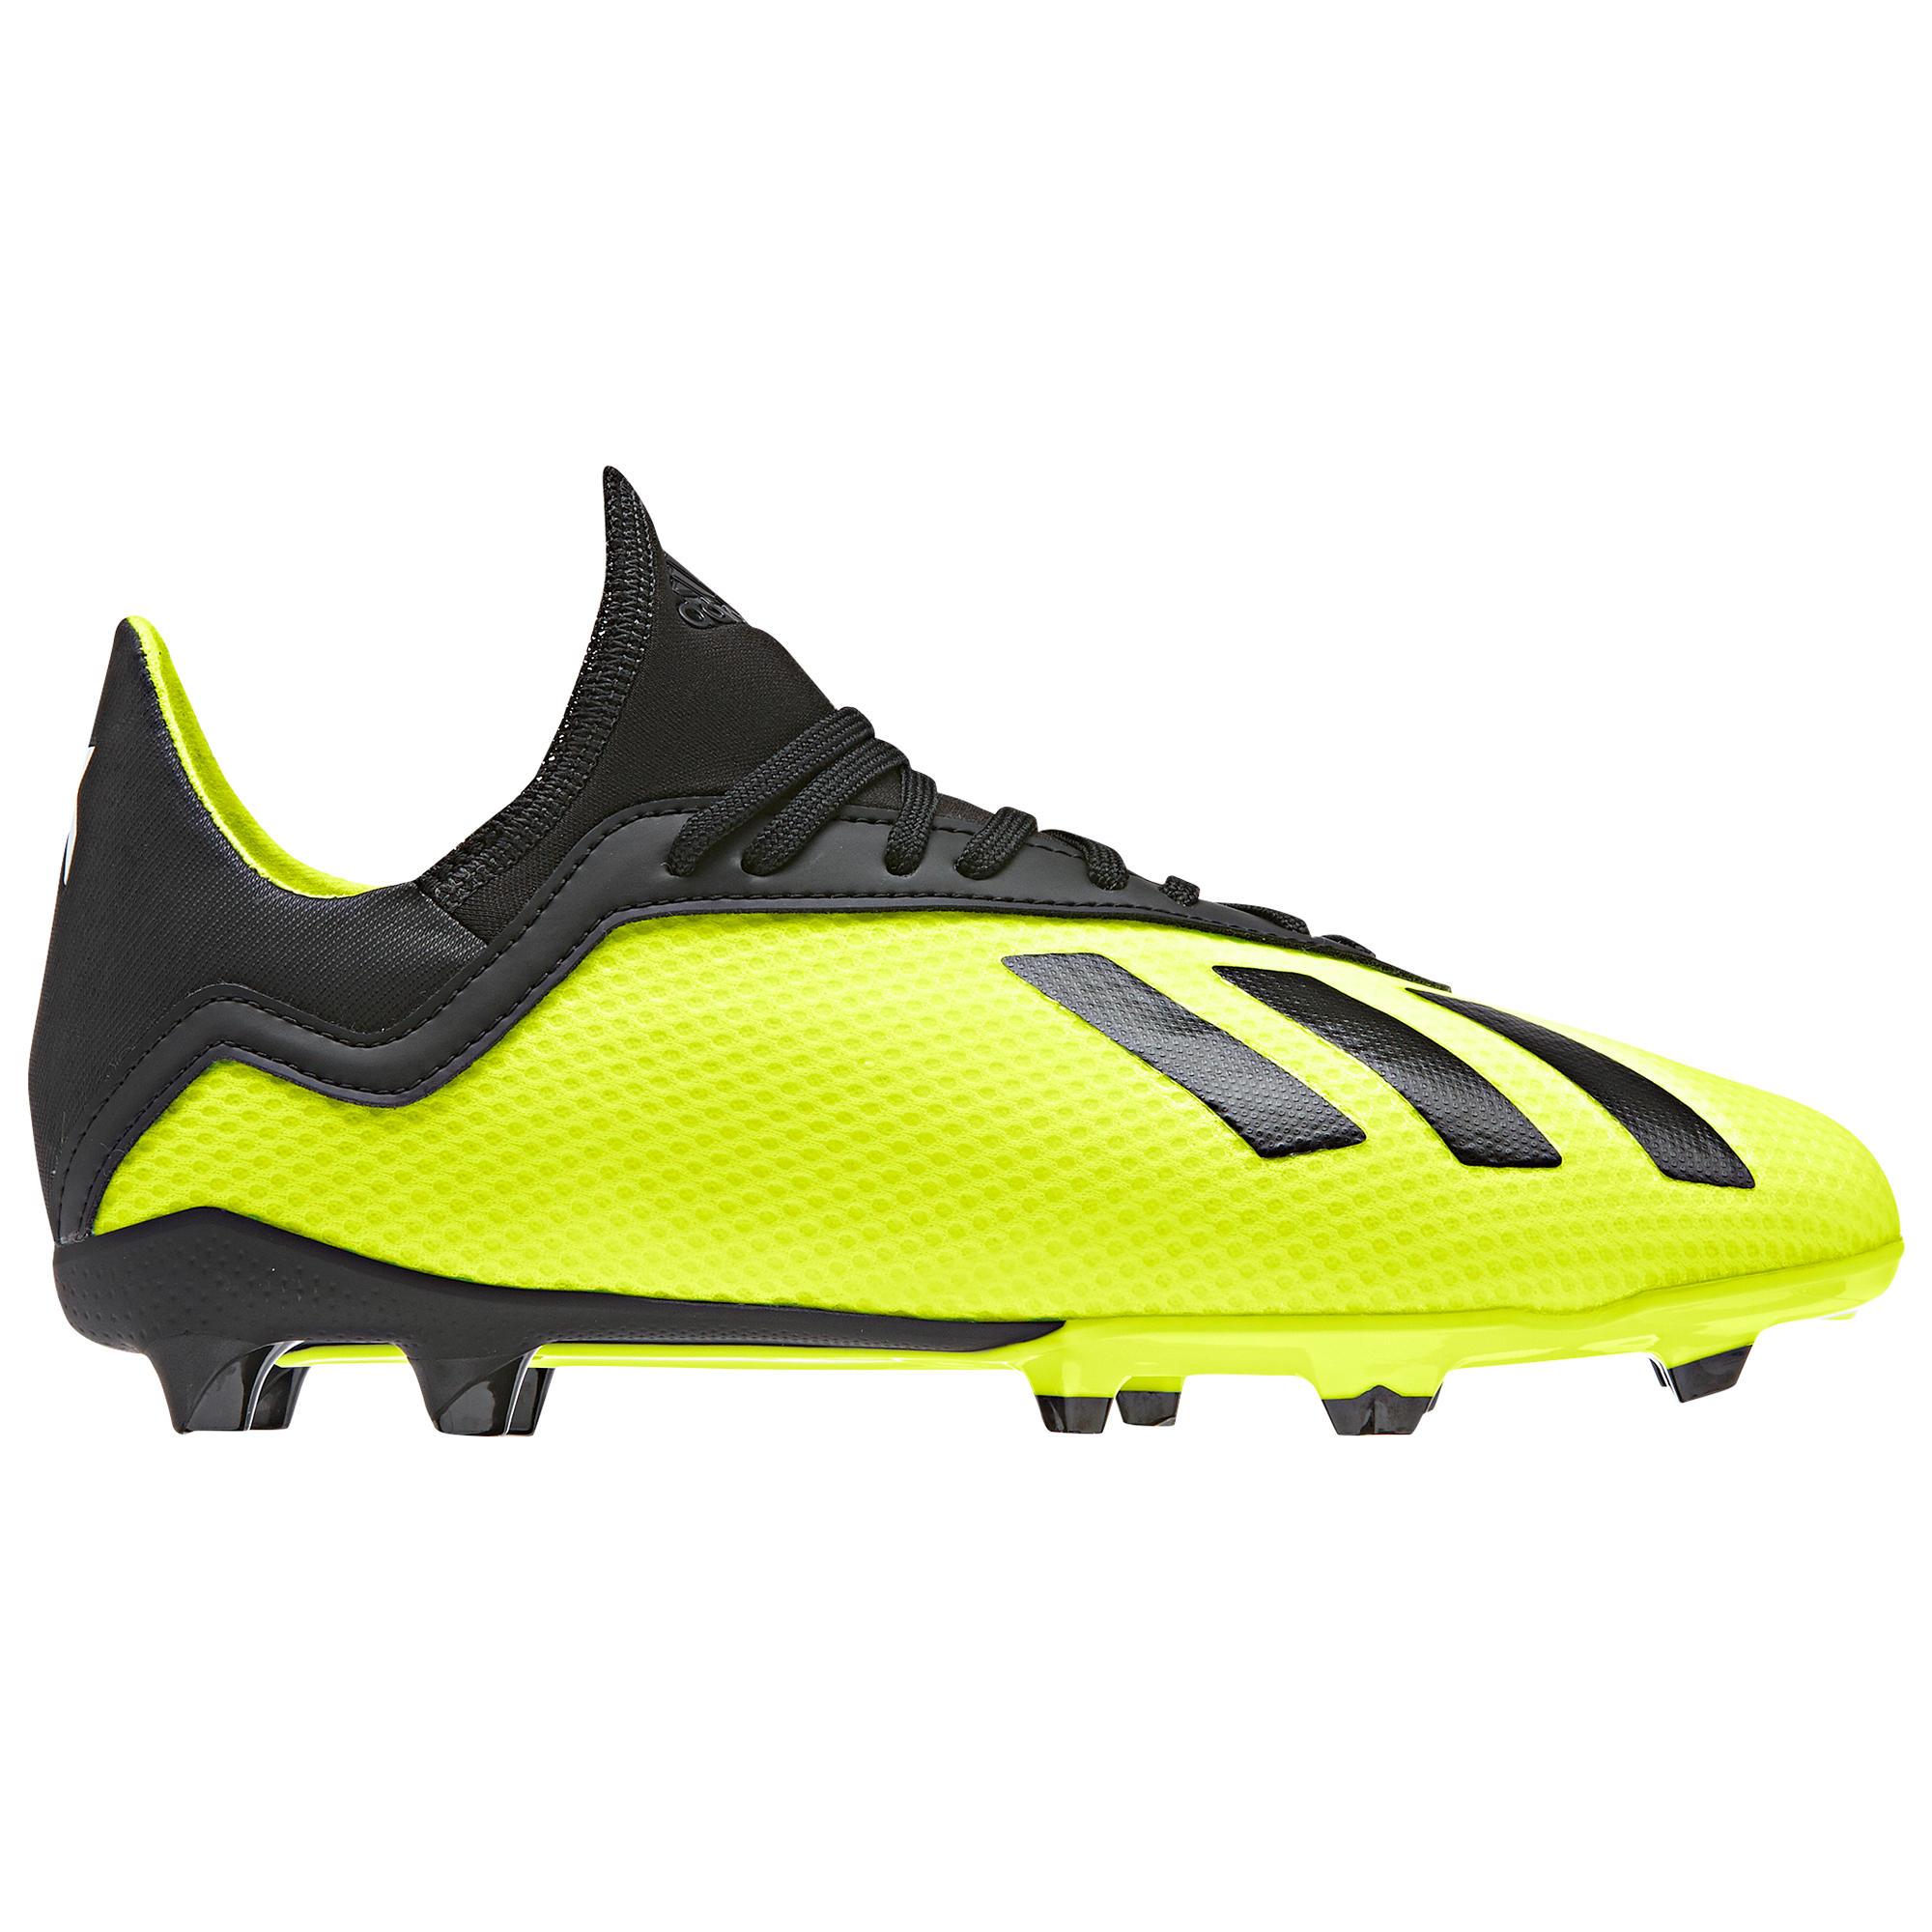 Adidas Voetbalschoenen kind X 18.3 FG geel